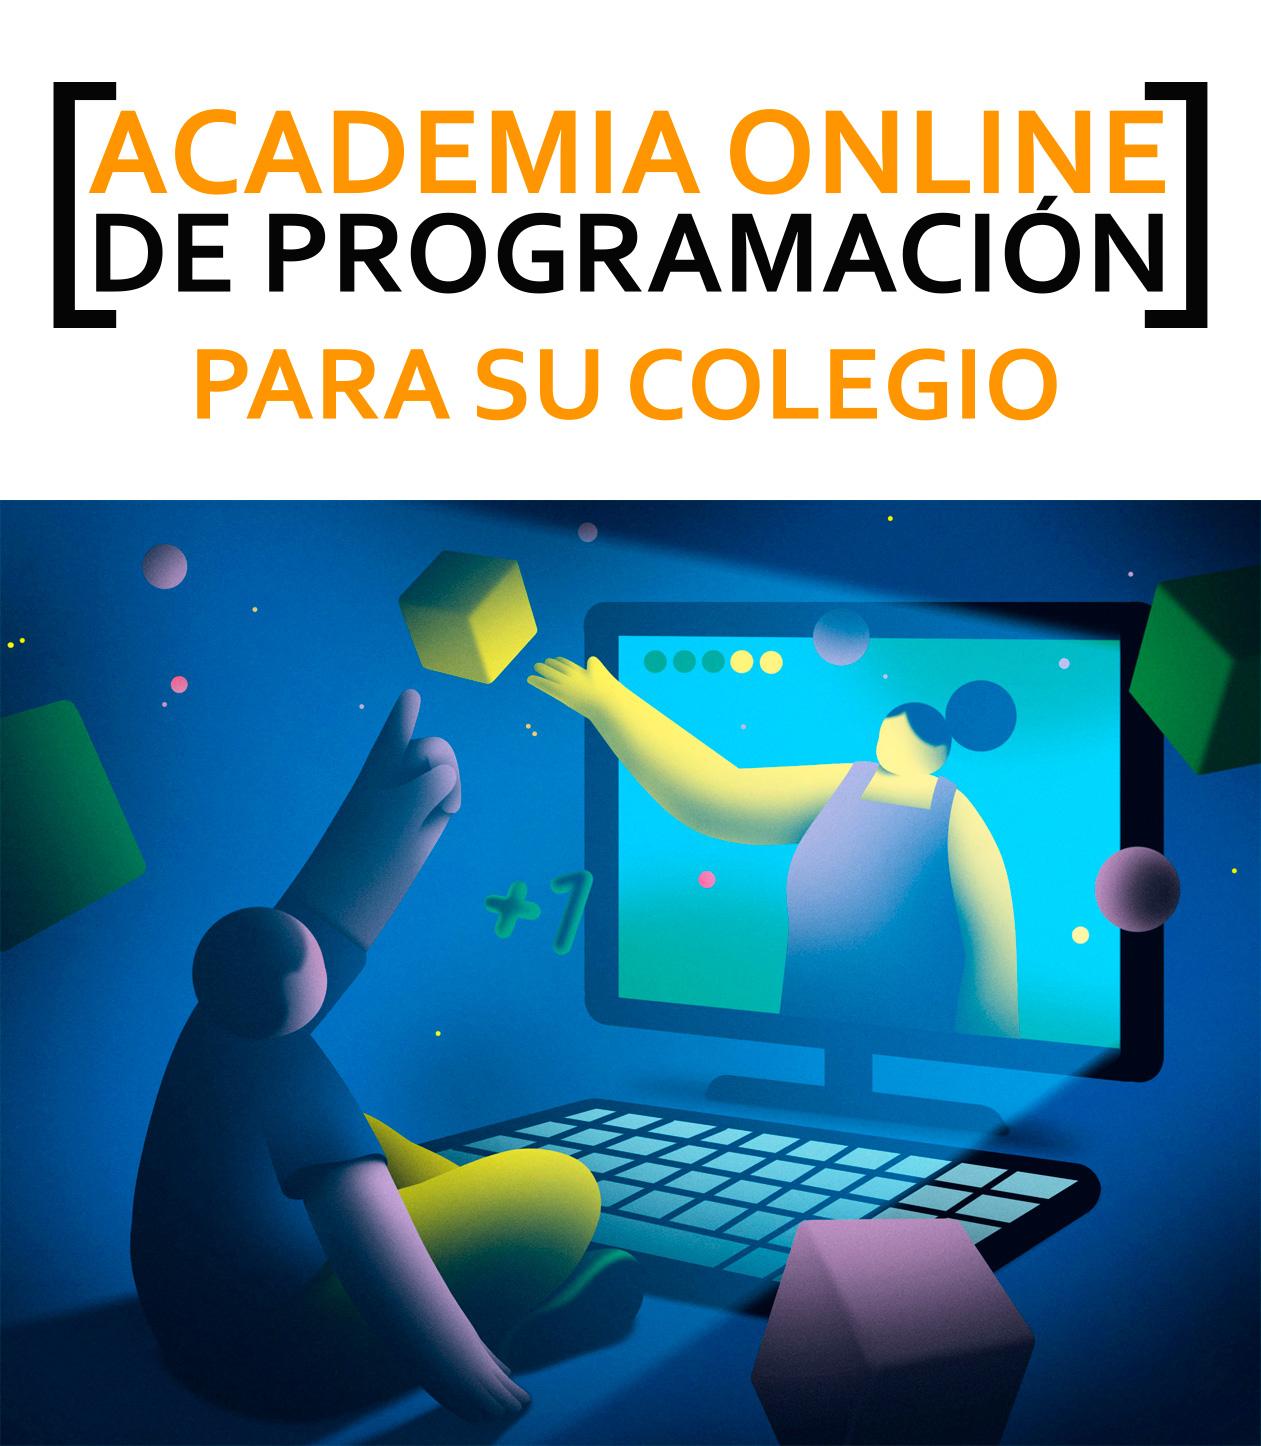 ACADEMIA ONLINE DE PROGRAMACIÓN PARA SU COLEGIO